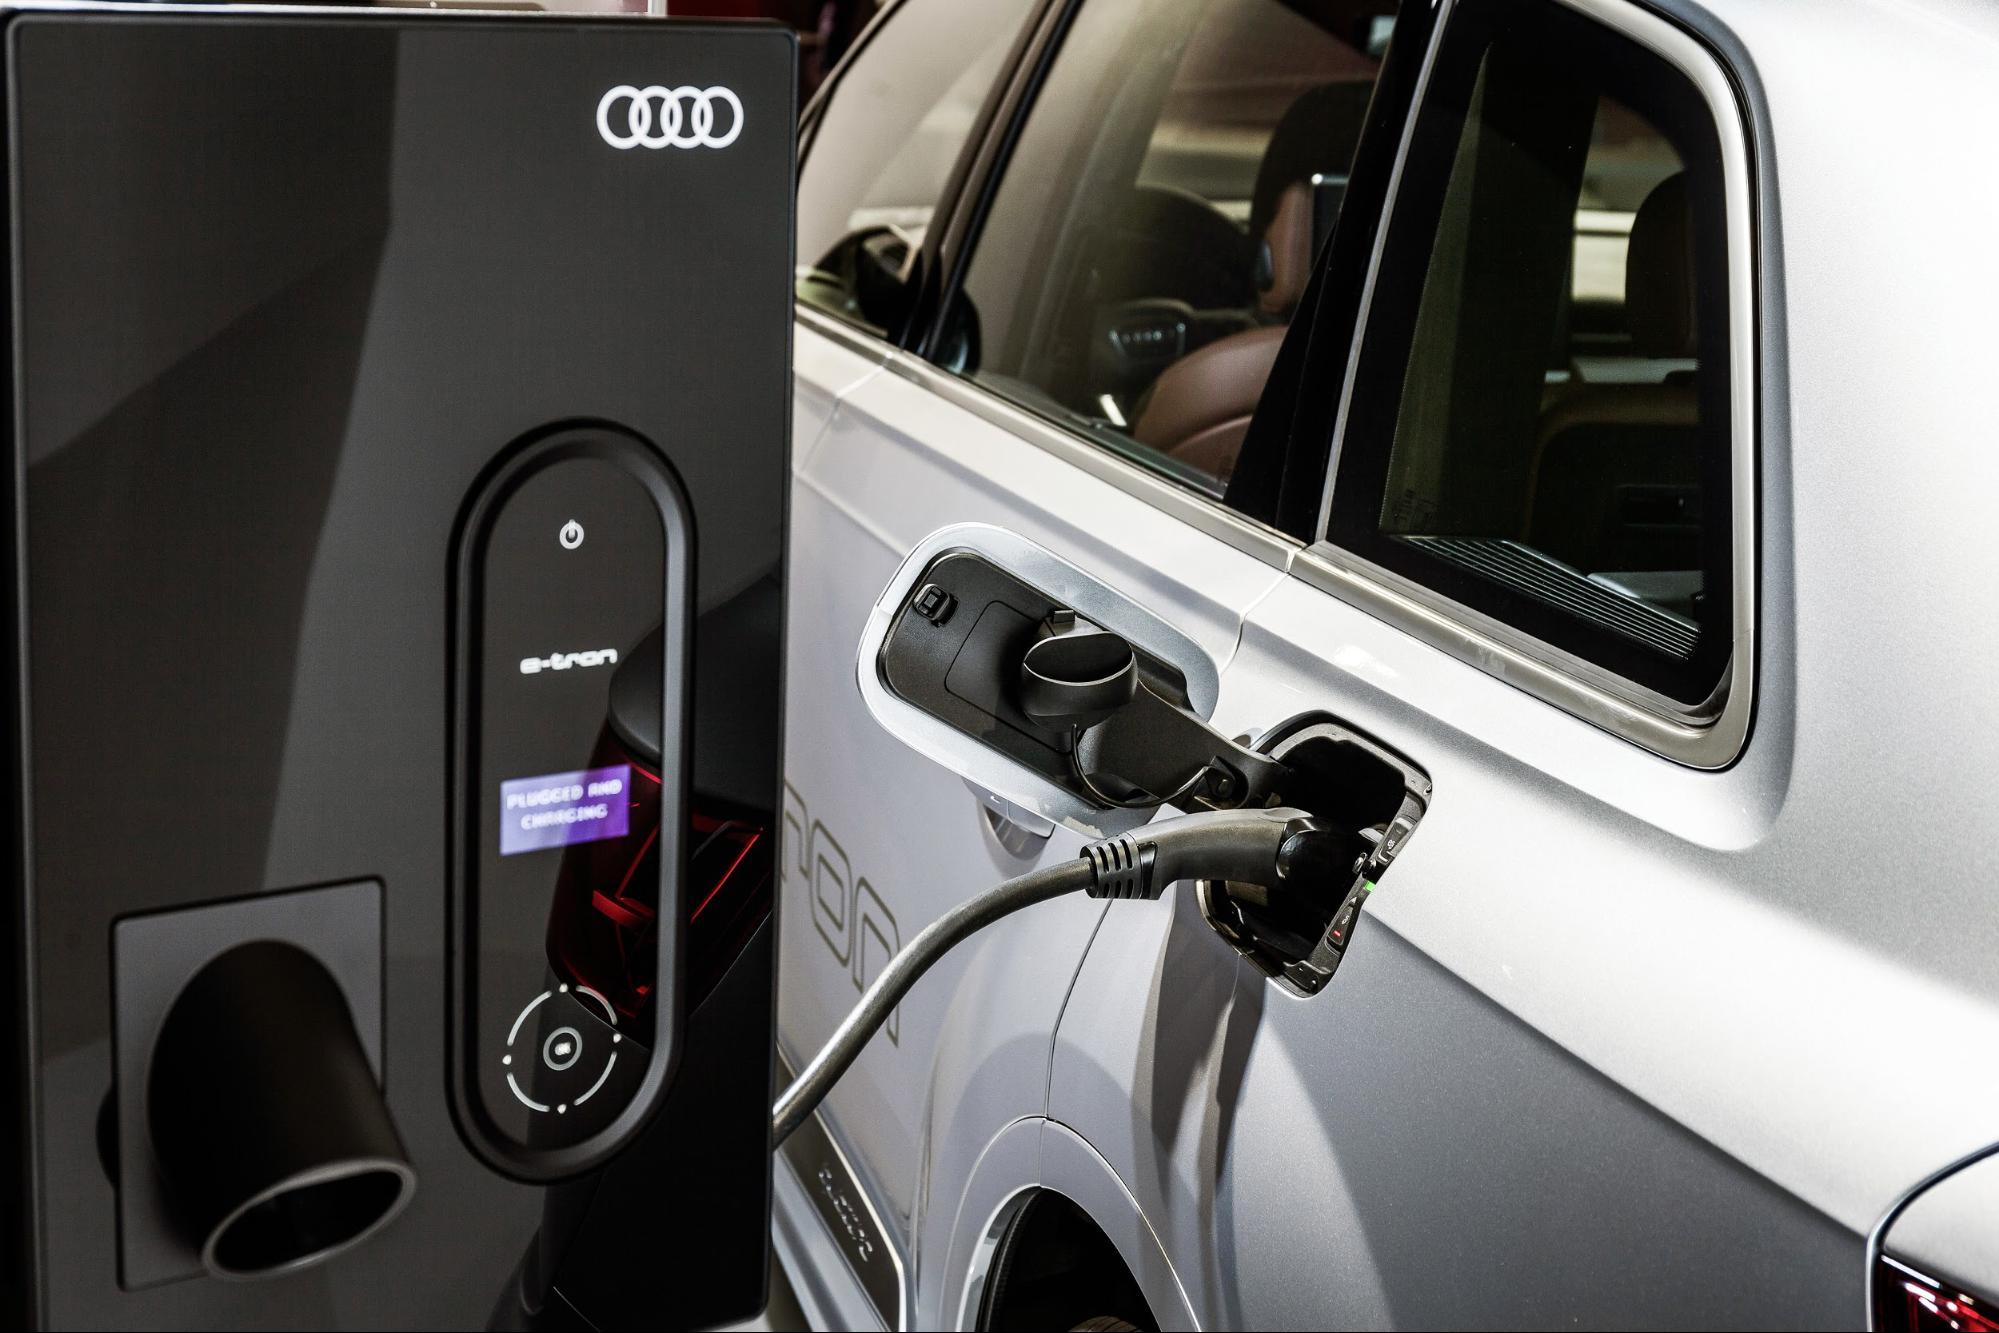 Une Audi Q7 TFSI e 3.0 TDI quattro en cours de recharge. (AUDI)